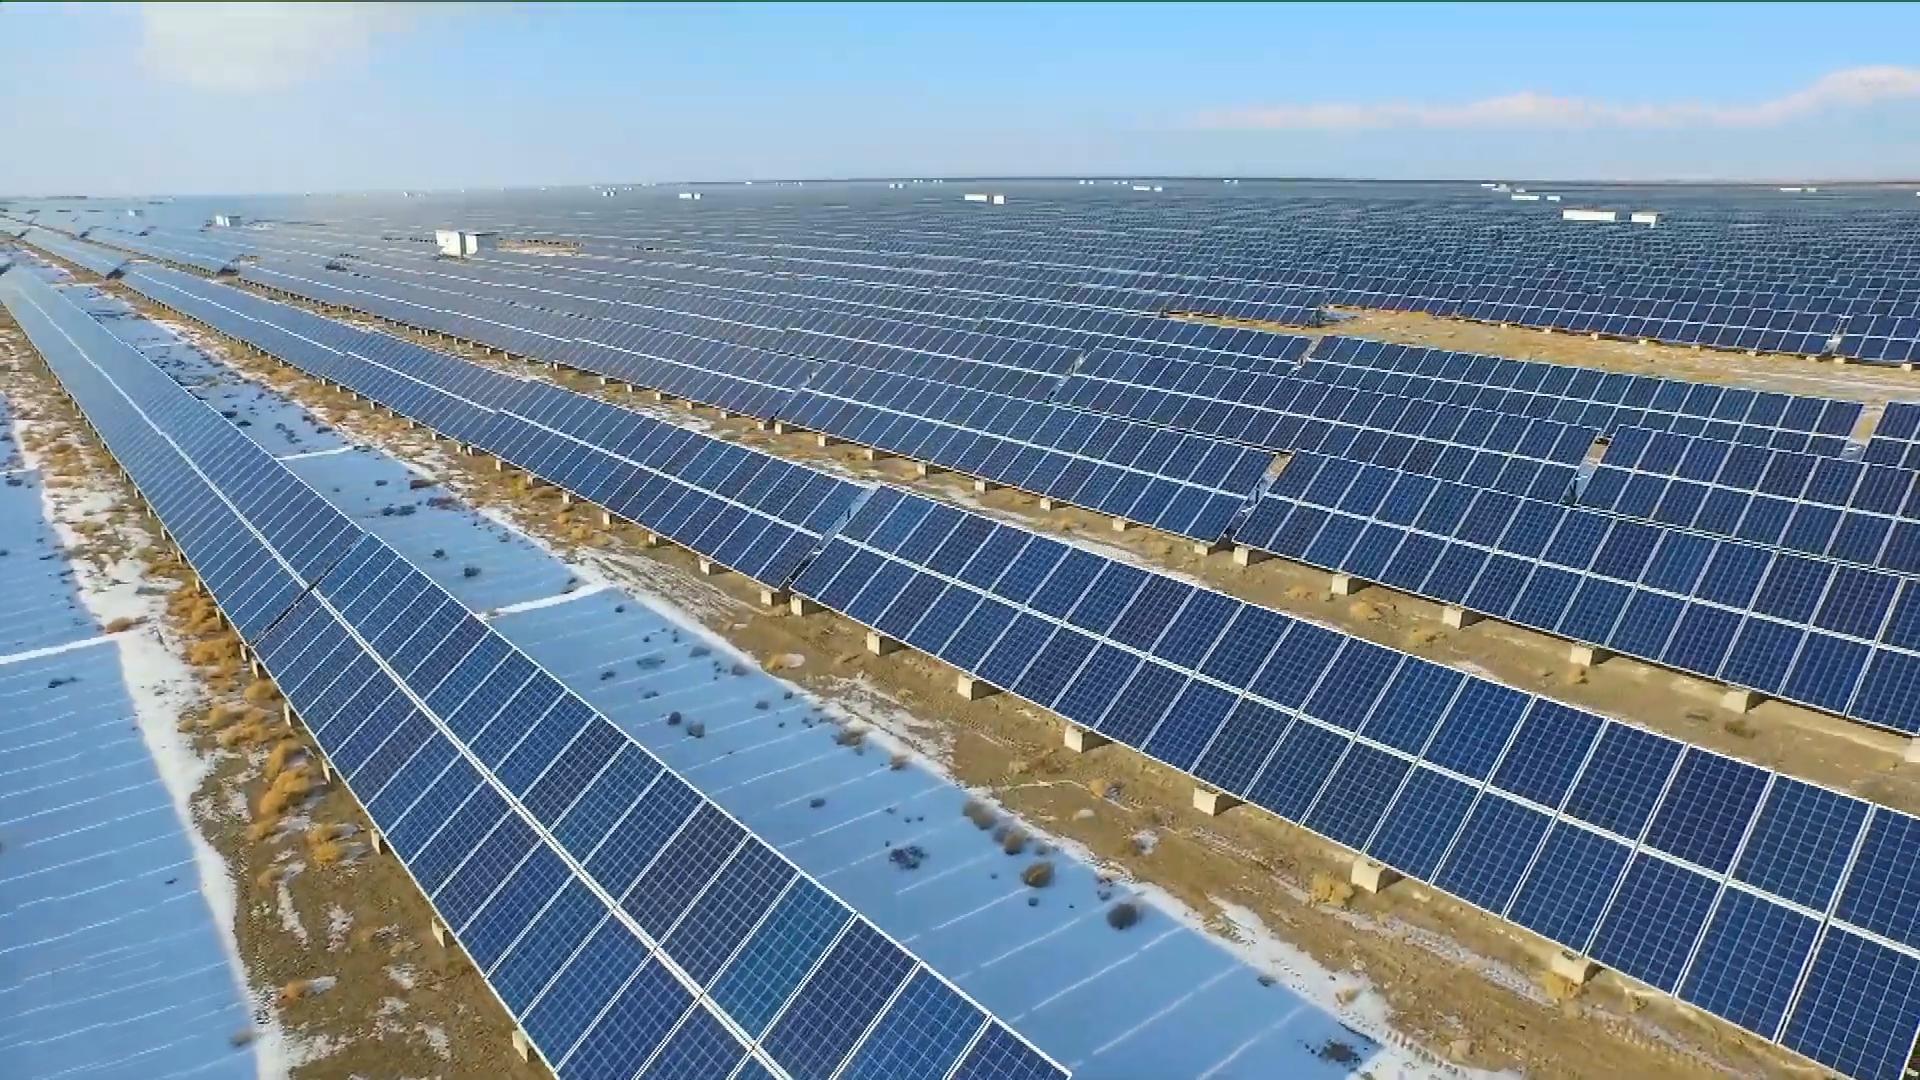 Mạng lưới năng lượng tái tạoở Tân Cương